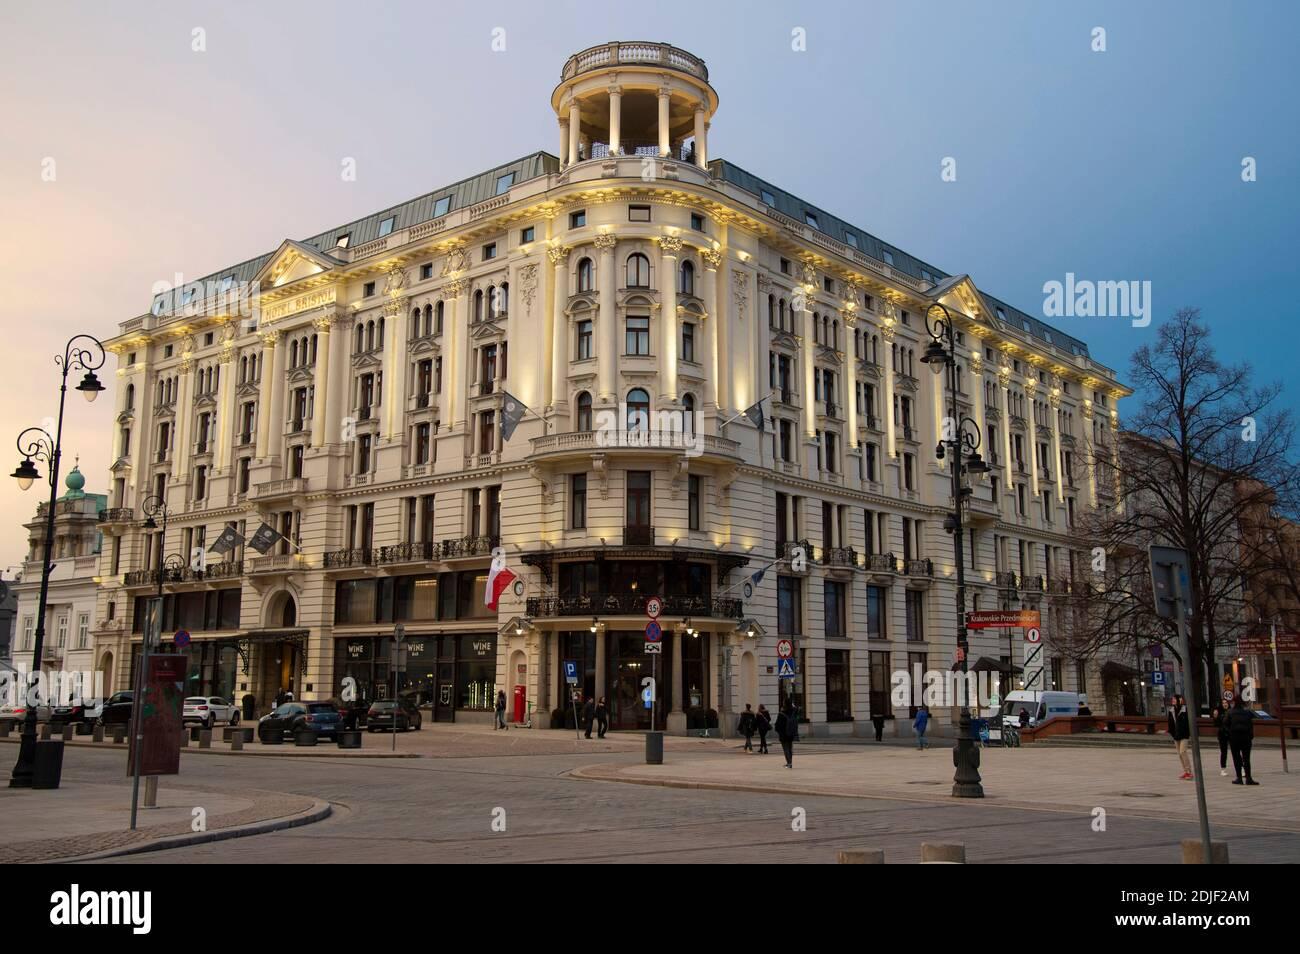 Hotel Bristol, hôtel 5 étoiles, Varsovie, Pologne, (photo de Casey B. Gibson) Banque D'Images